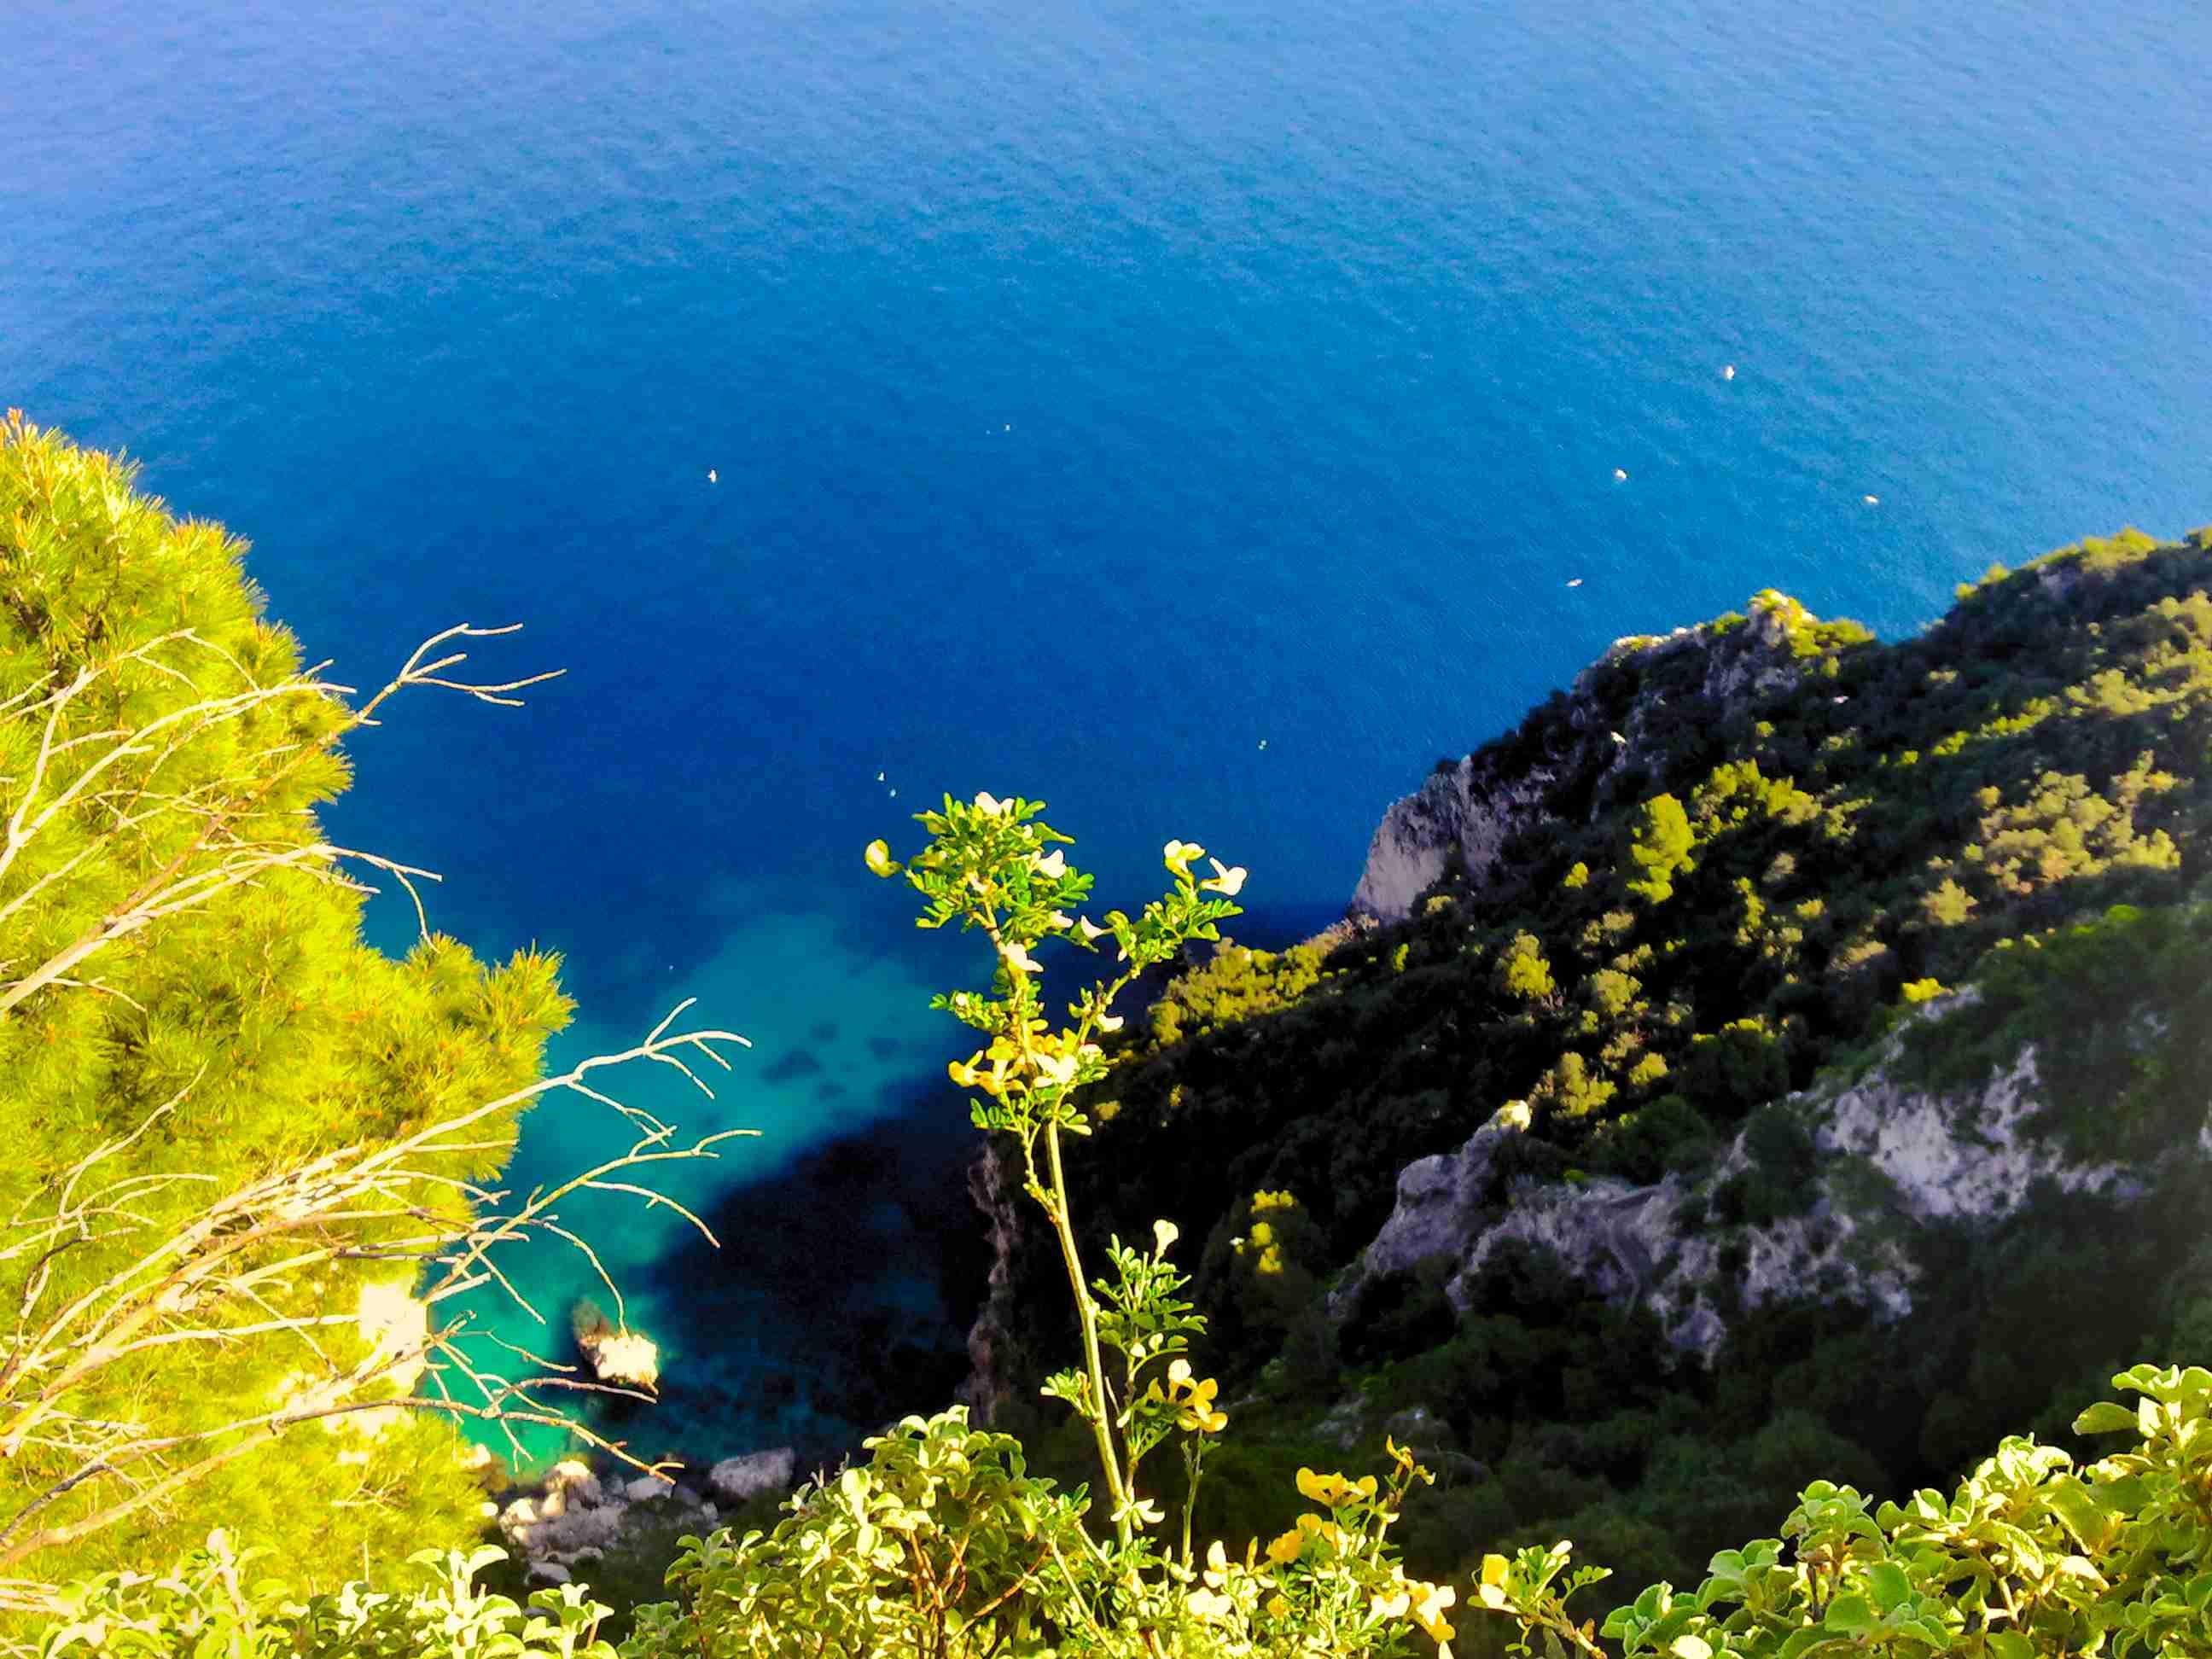 Meteo Capri: previsioni per Martedì 25 Settembre